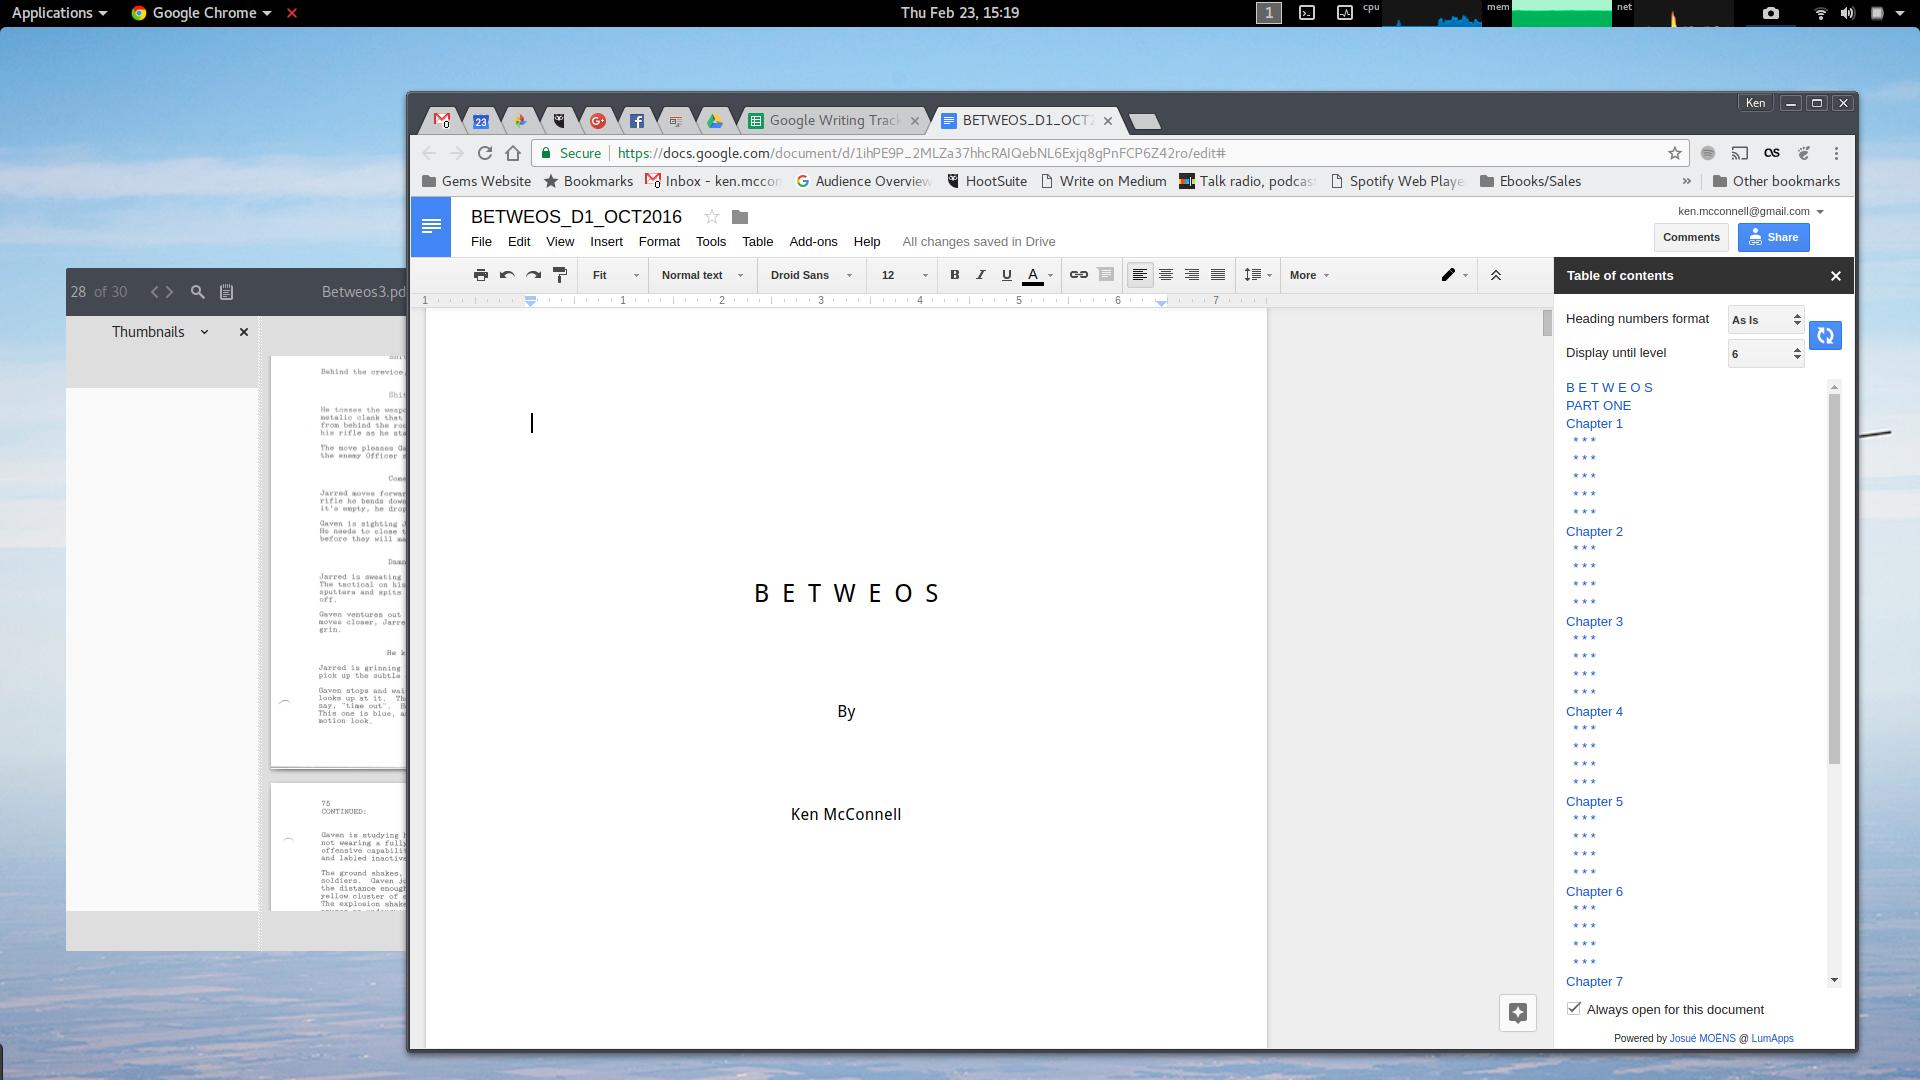 scrivener for chromebook